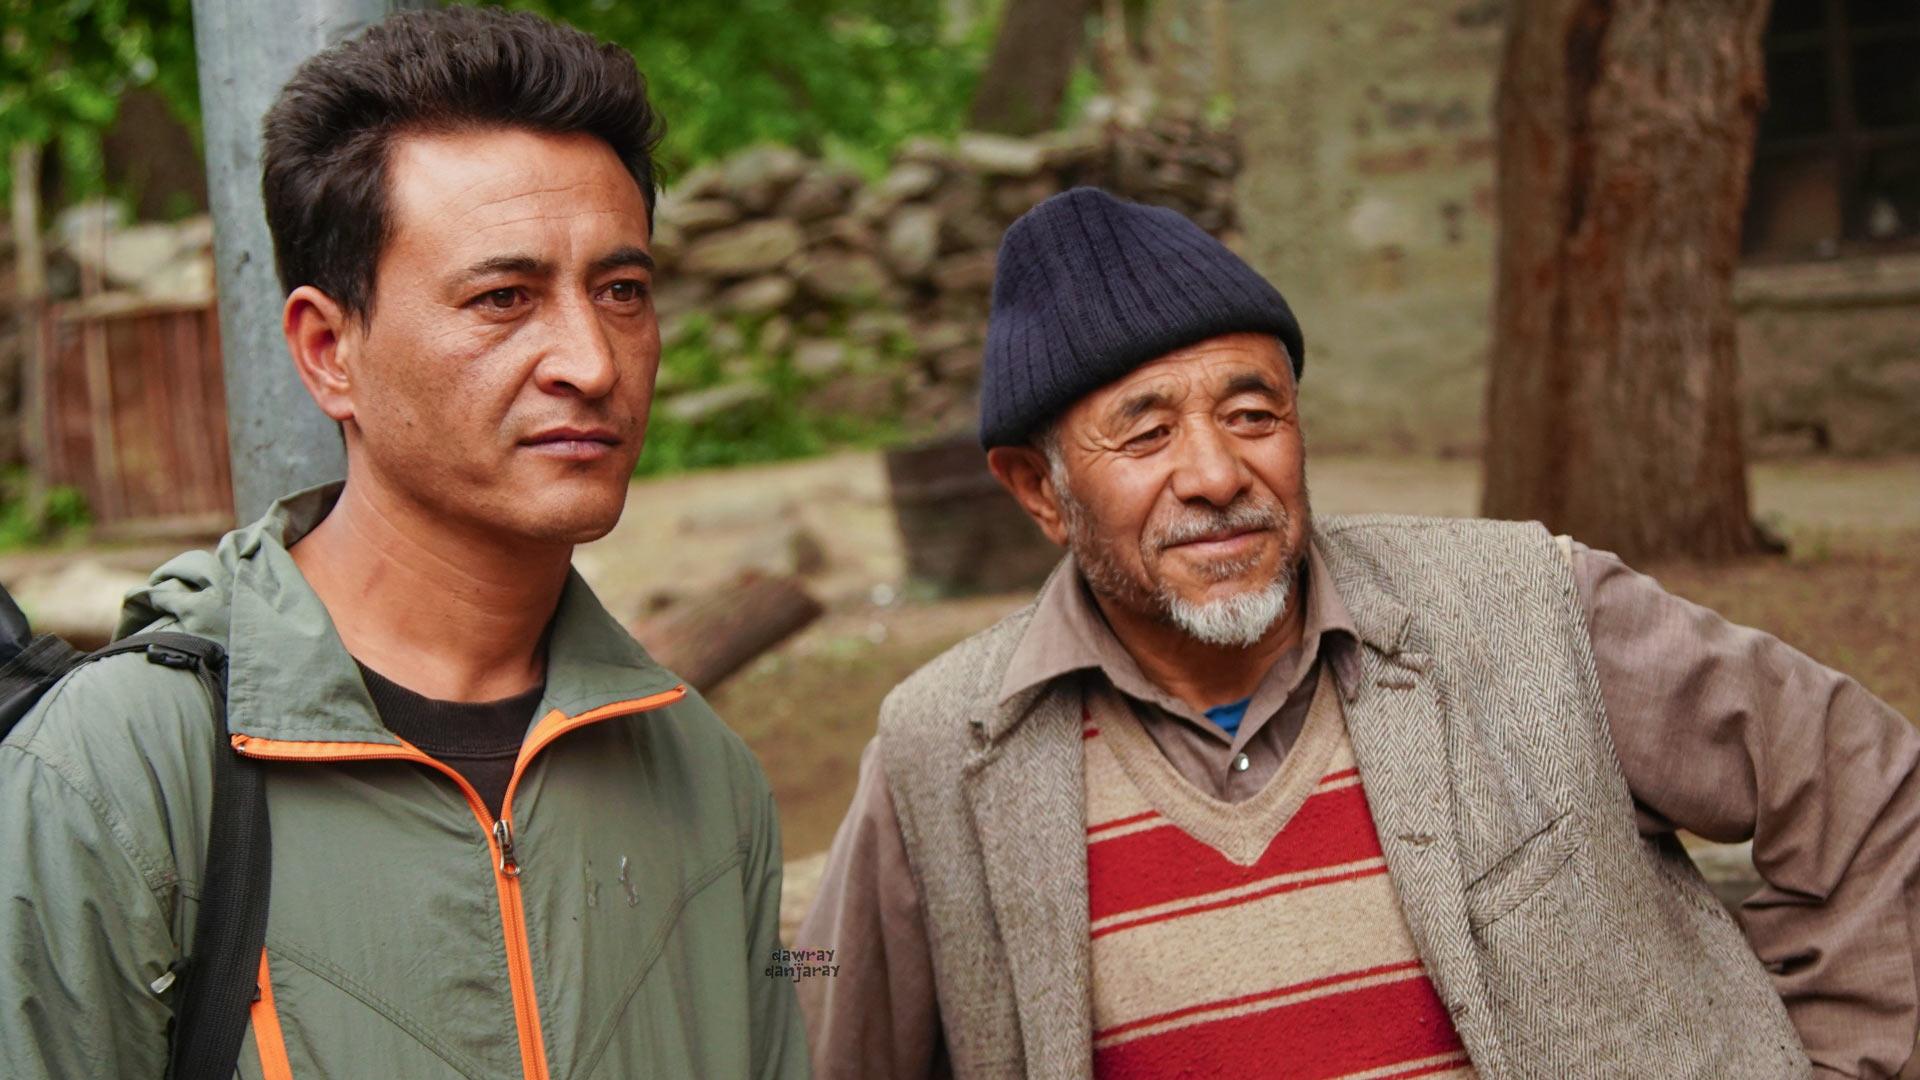 People of Turtuk